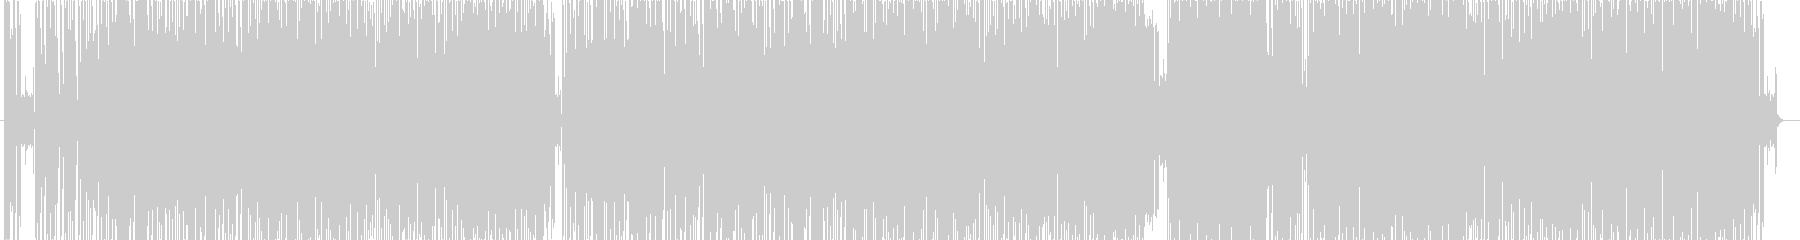 ジャズポップスの未再生の波形